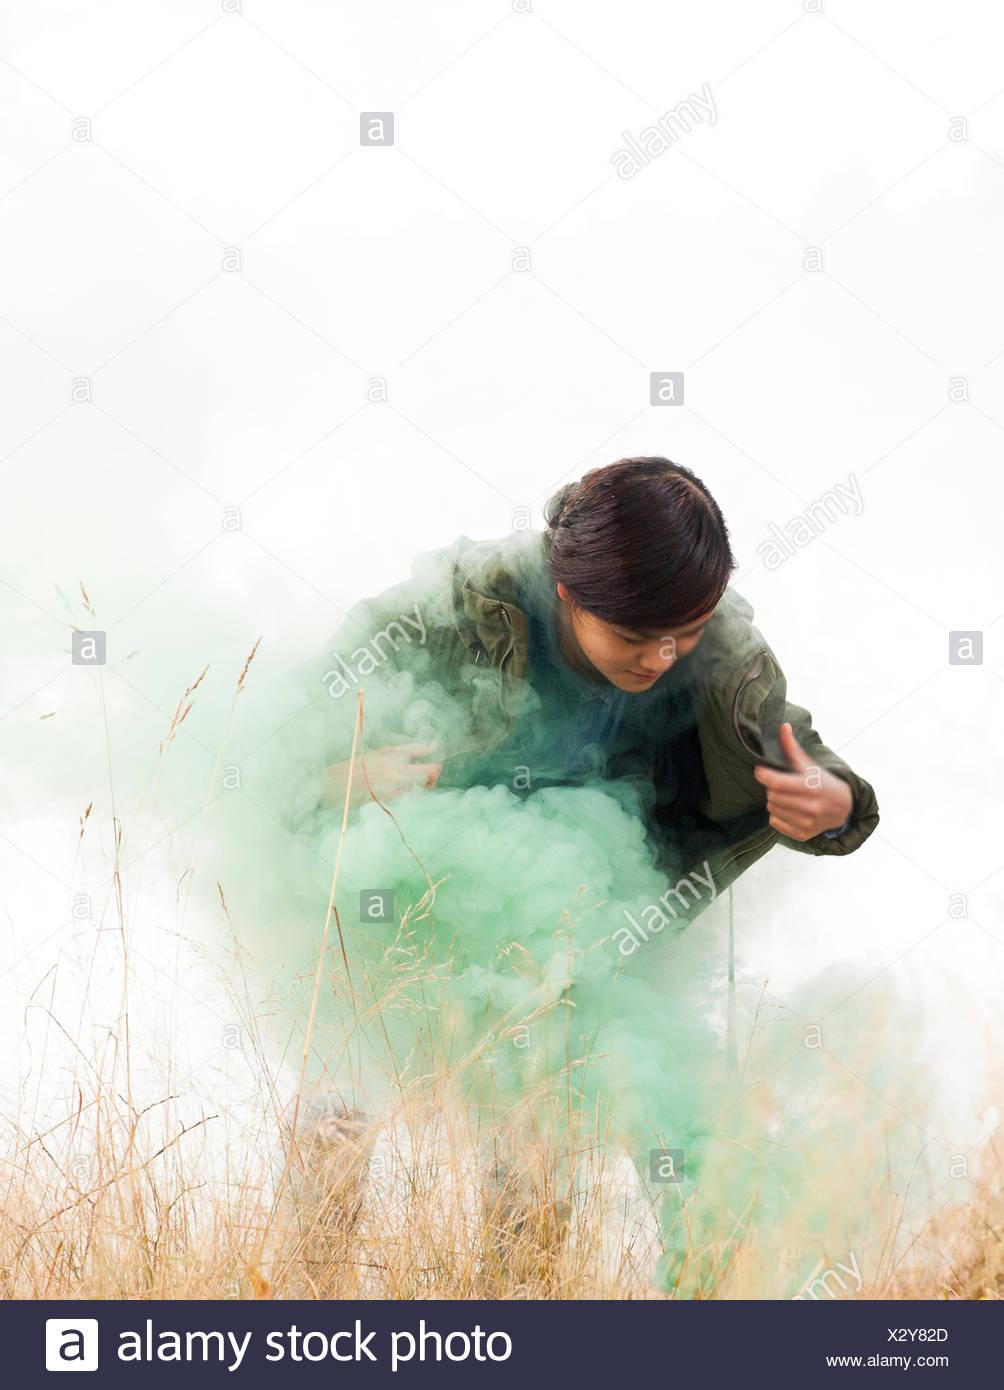 Norvegia, donna in piedi in erba e fumo verde Immagini Stock